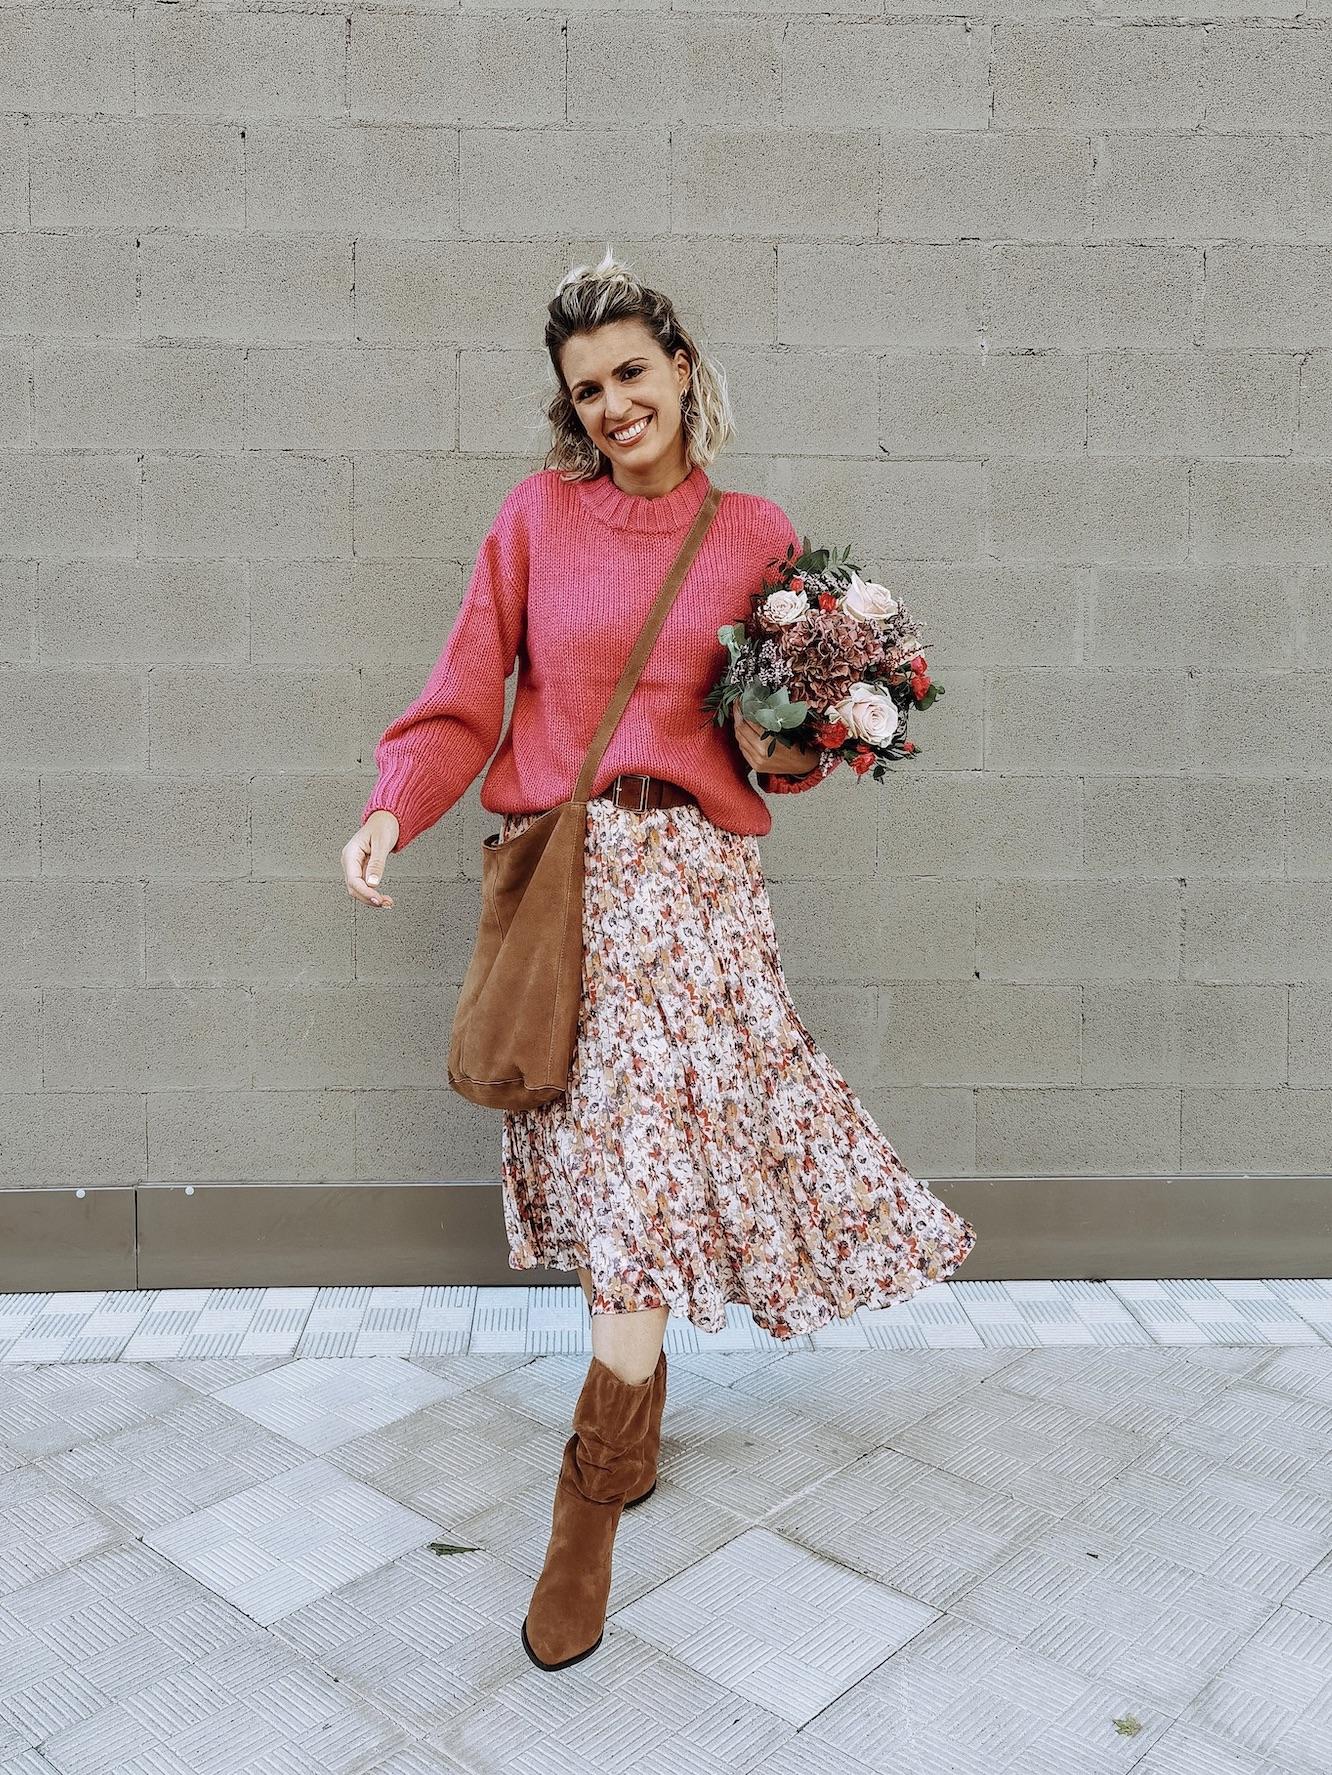 como llevar falda flores en otoño